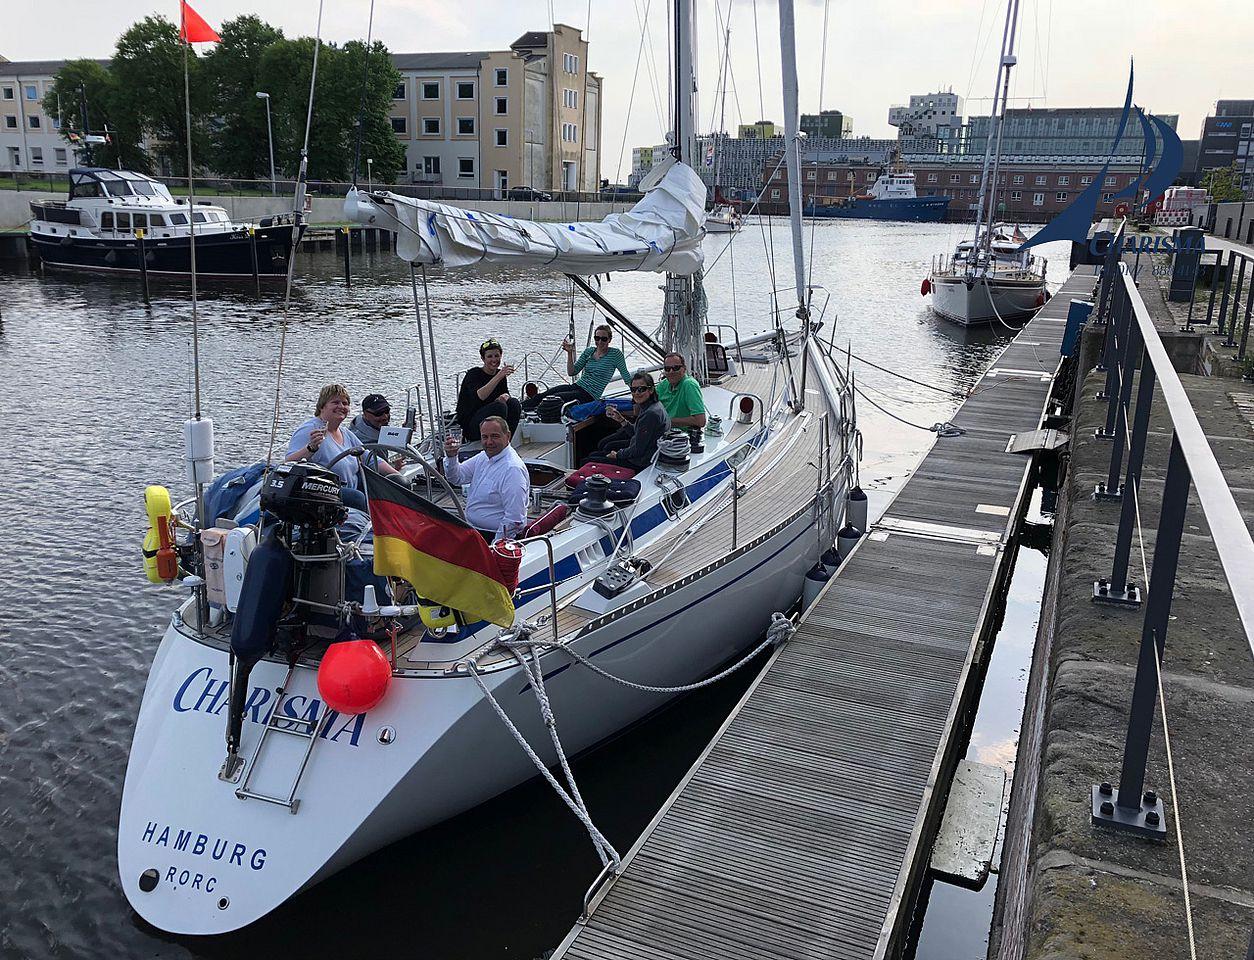 SY Charisma, Bremerhaven